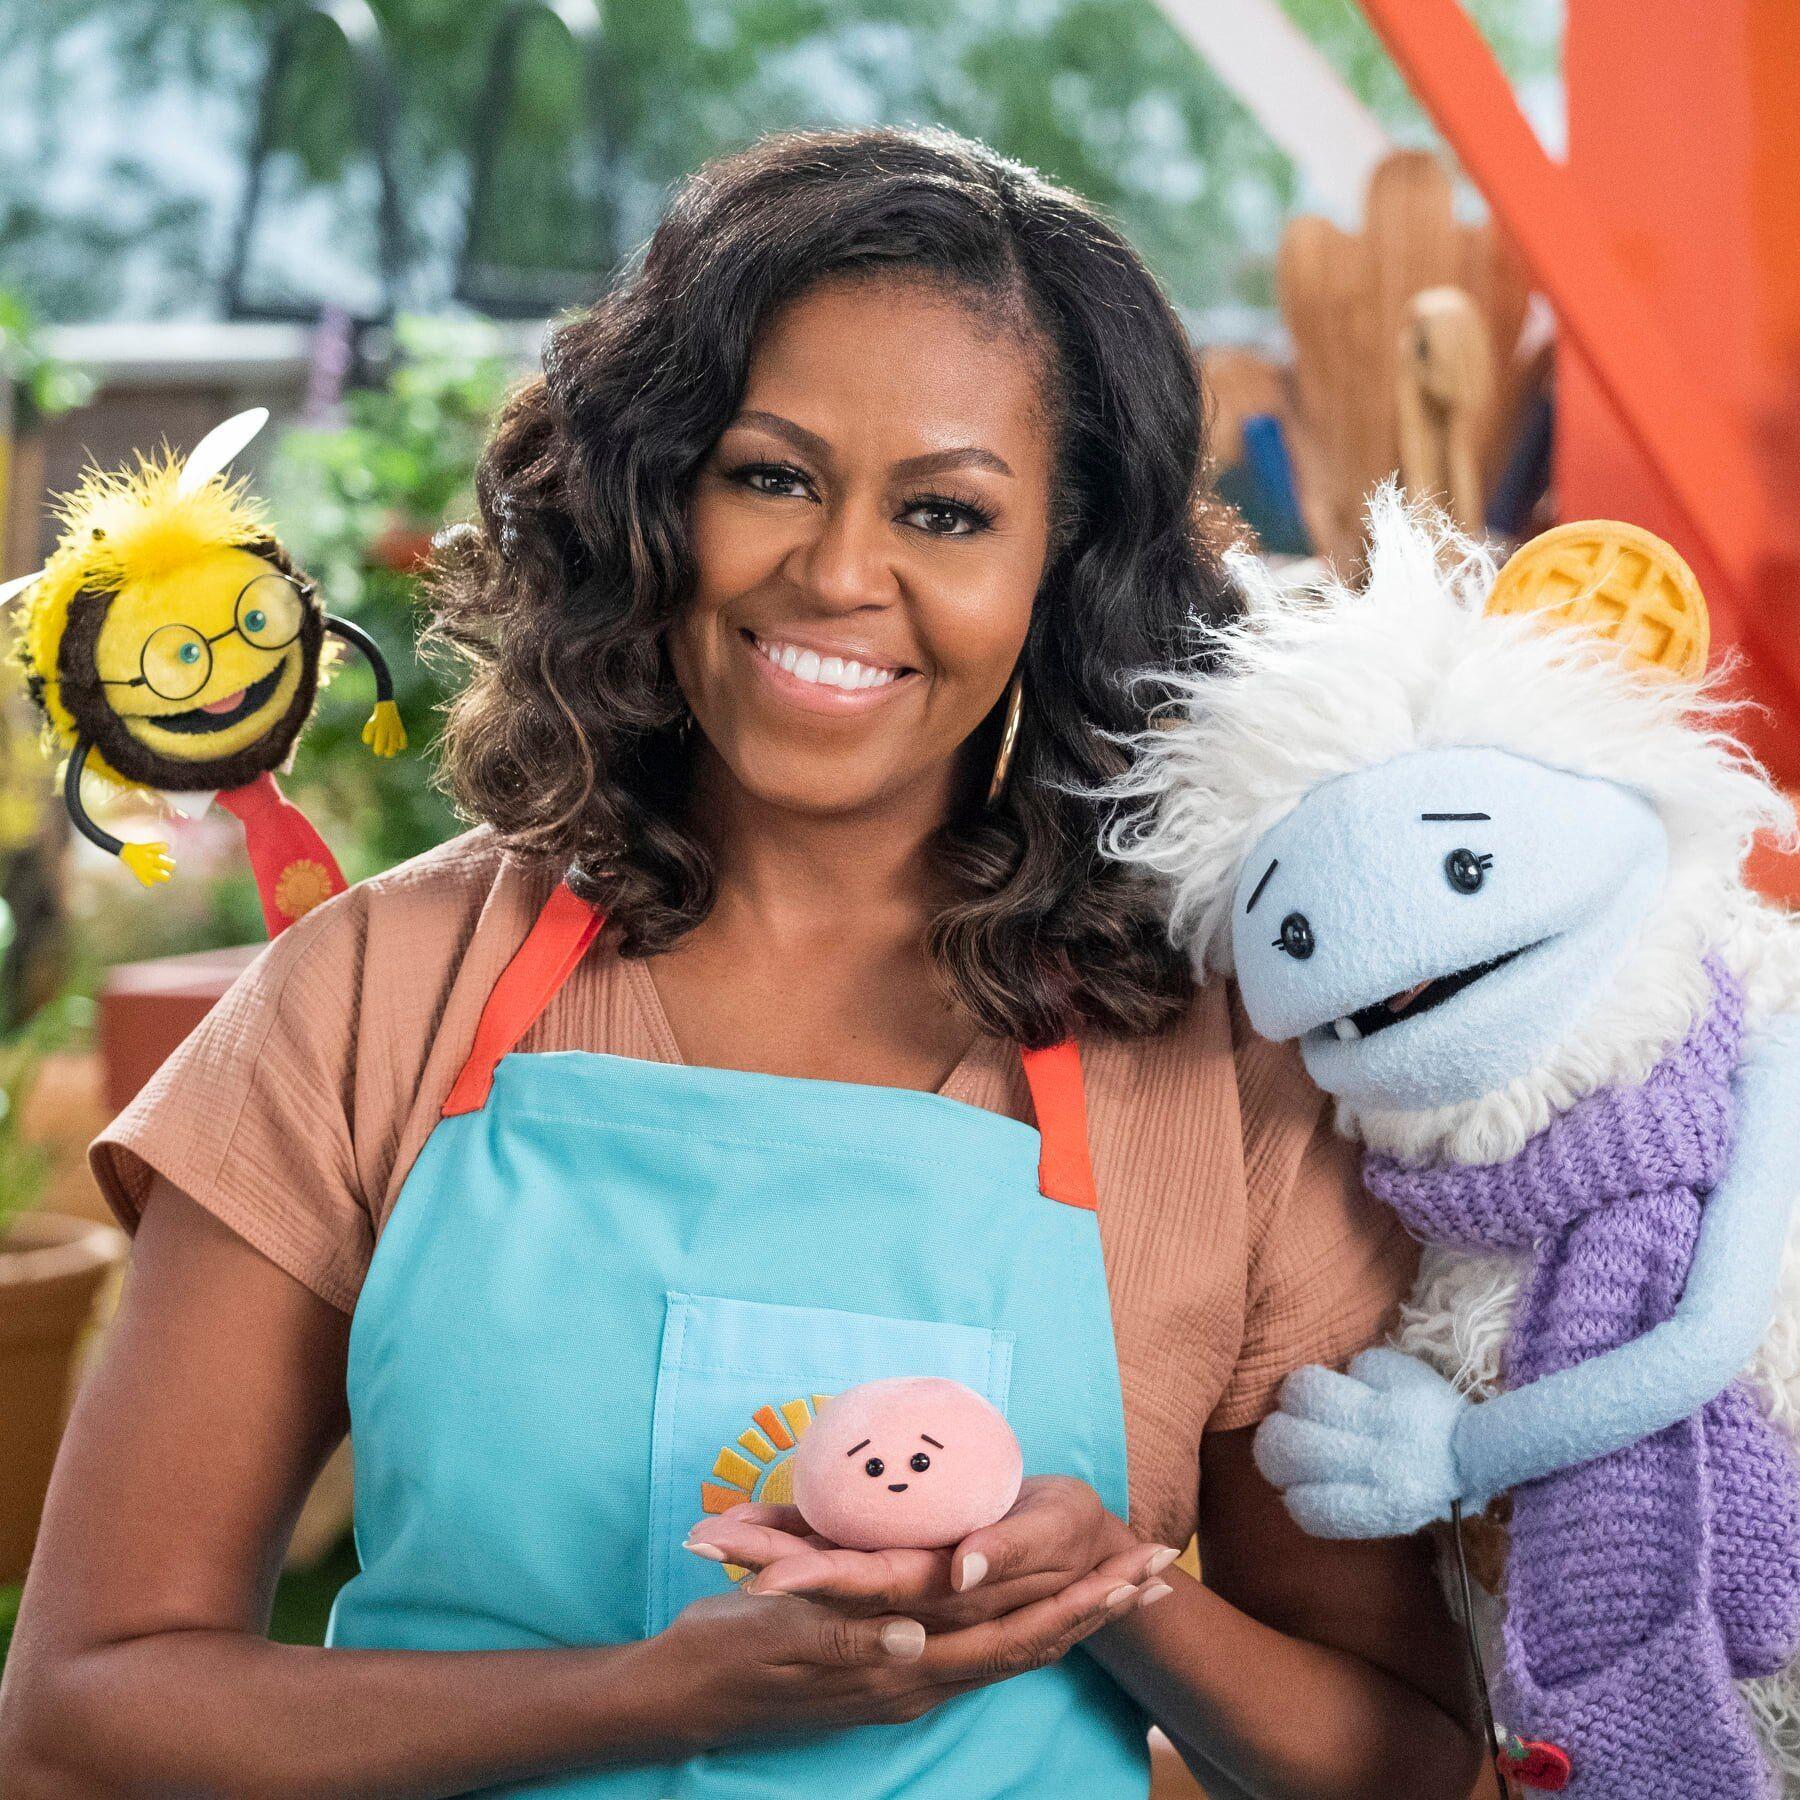 Новое детское шоу Мишель Обамы